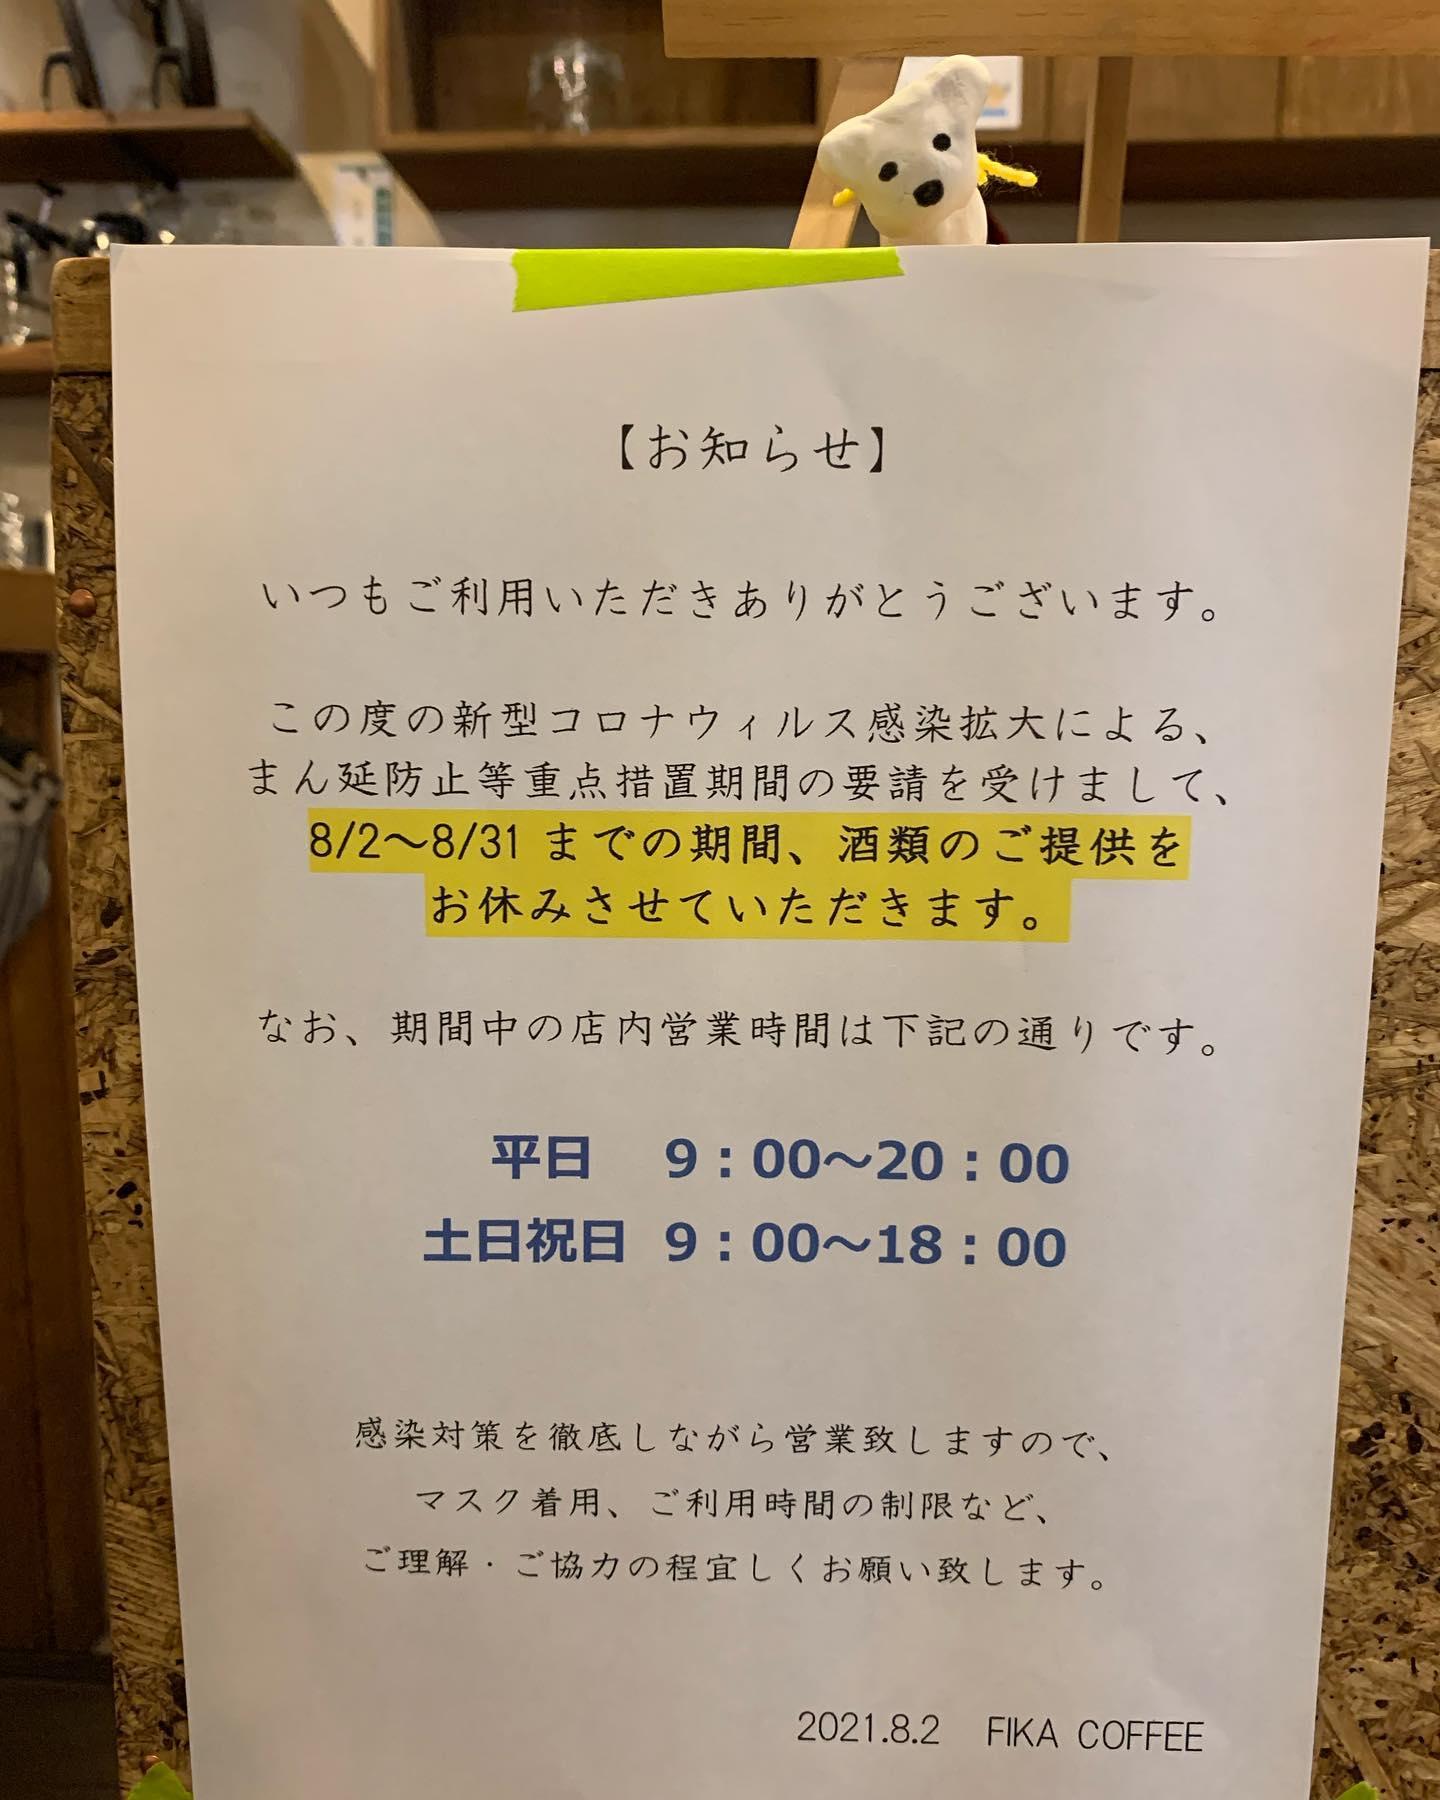 今日からのことおはようございますFIKACOFFEEエリカです^ ^8/31までお酒たちの提供はお休みです️よろしくお願いします!昨日はクッキーの件で大変ご迷惑をおかけしました!今日もまたクッキー作ります!気をつけてしっかり丁寧に作って参ります!FIKA COFFEE(フィーカ コーヒー)福岡県福岡市博多区下川端町3-1 博多リバレイン1FTEL0922926601営業時間→平日9:00〜20:00  土日祝9:00〜18:00店休日→不定休(早く閉めたり休んだりすることもあります)新型コロナウイルス感染防止対策へのご協力お願いします!#福岡グルメ#福岡カフェ#博多#博多カフェ#中洲#博多座#福岡アジア美術館#クッキー#福岡クッキー#cookie#くまチョコミルク#ランチ#ティラミス#フレンチトースト#ummp#うむぷ#赤毛のマチコ#たま乗りジョニーのコーヒーゼリー#コーヒーゼリー#テイクアウト#シェイク#レモネード#レアチーズケーキケーキ